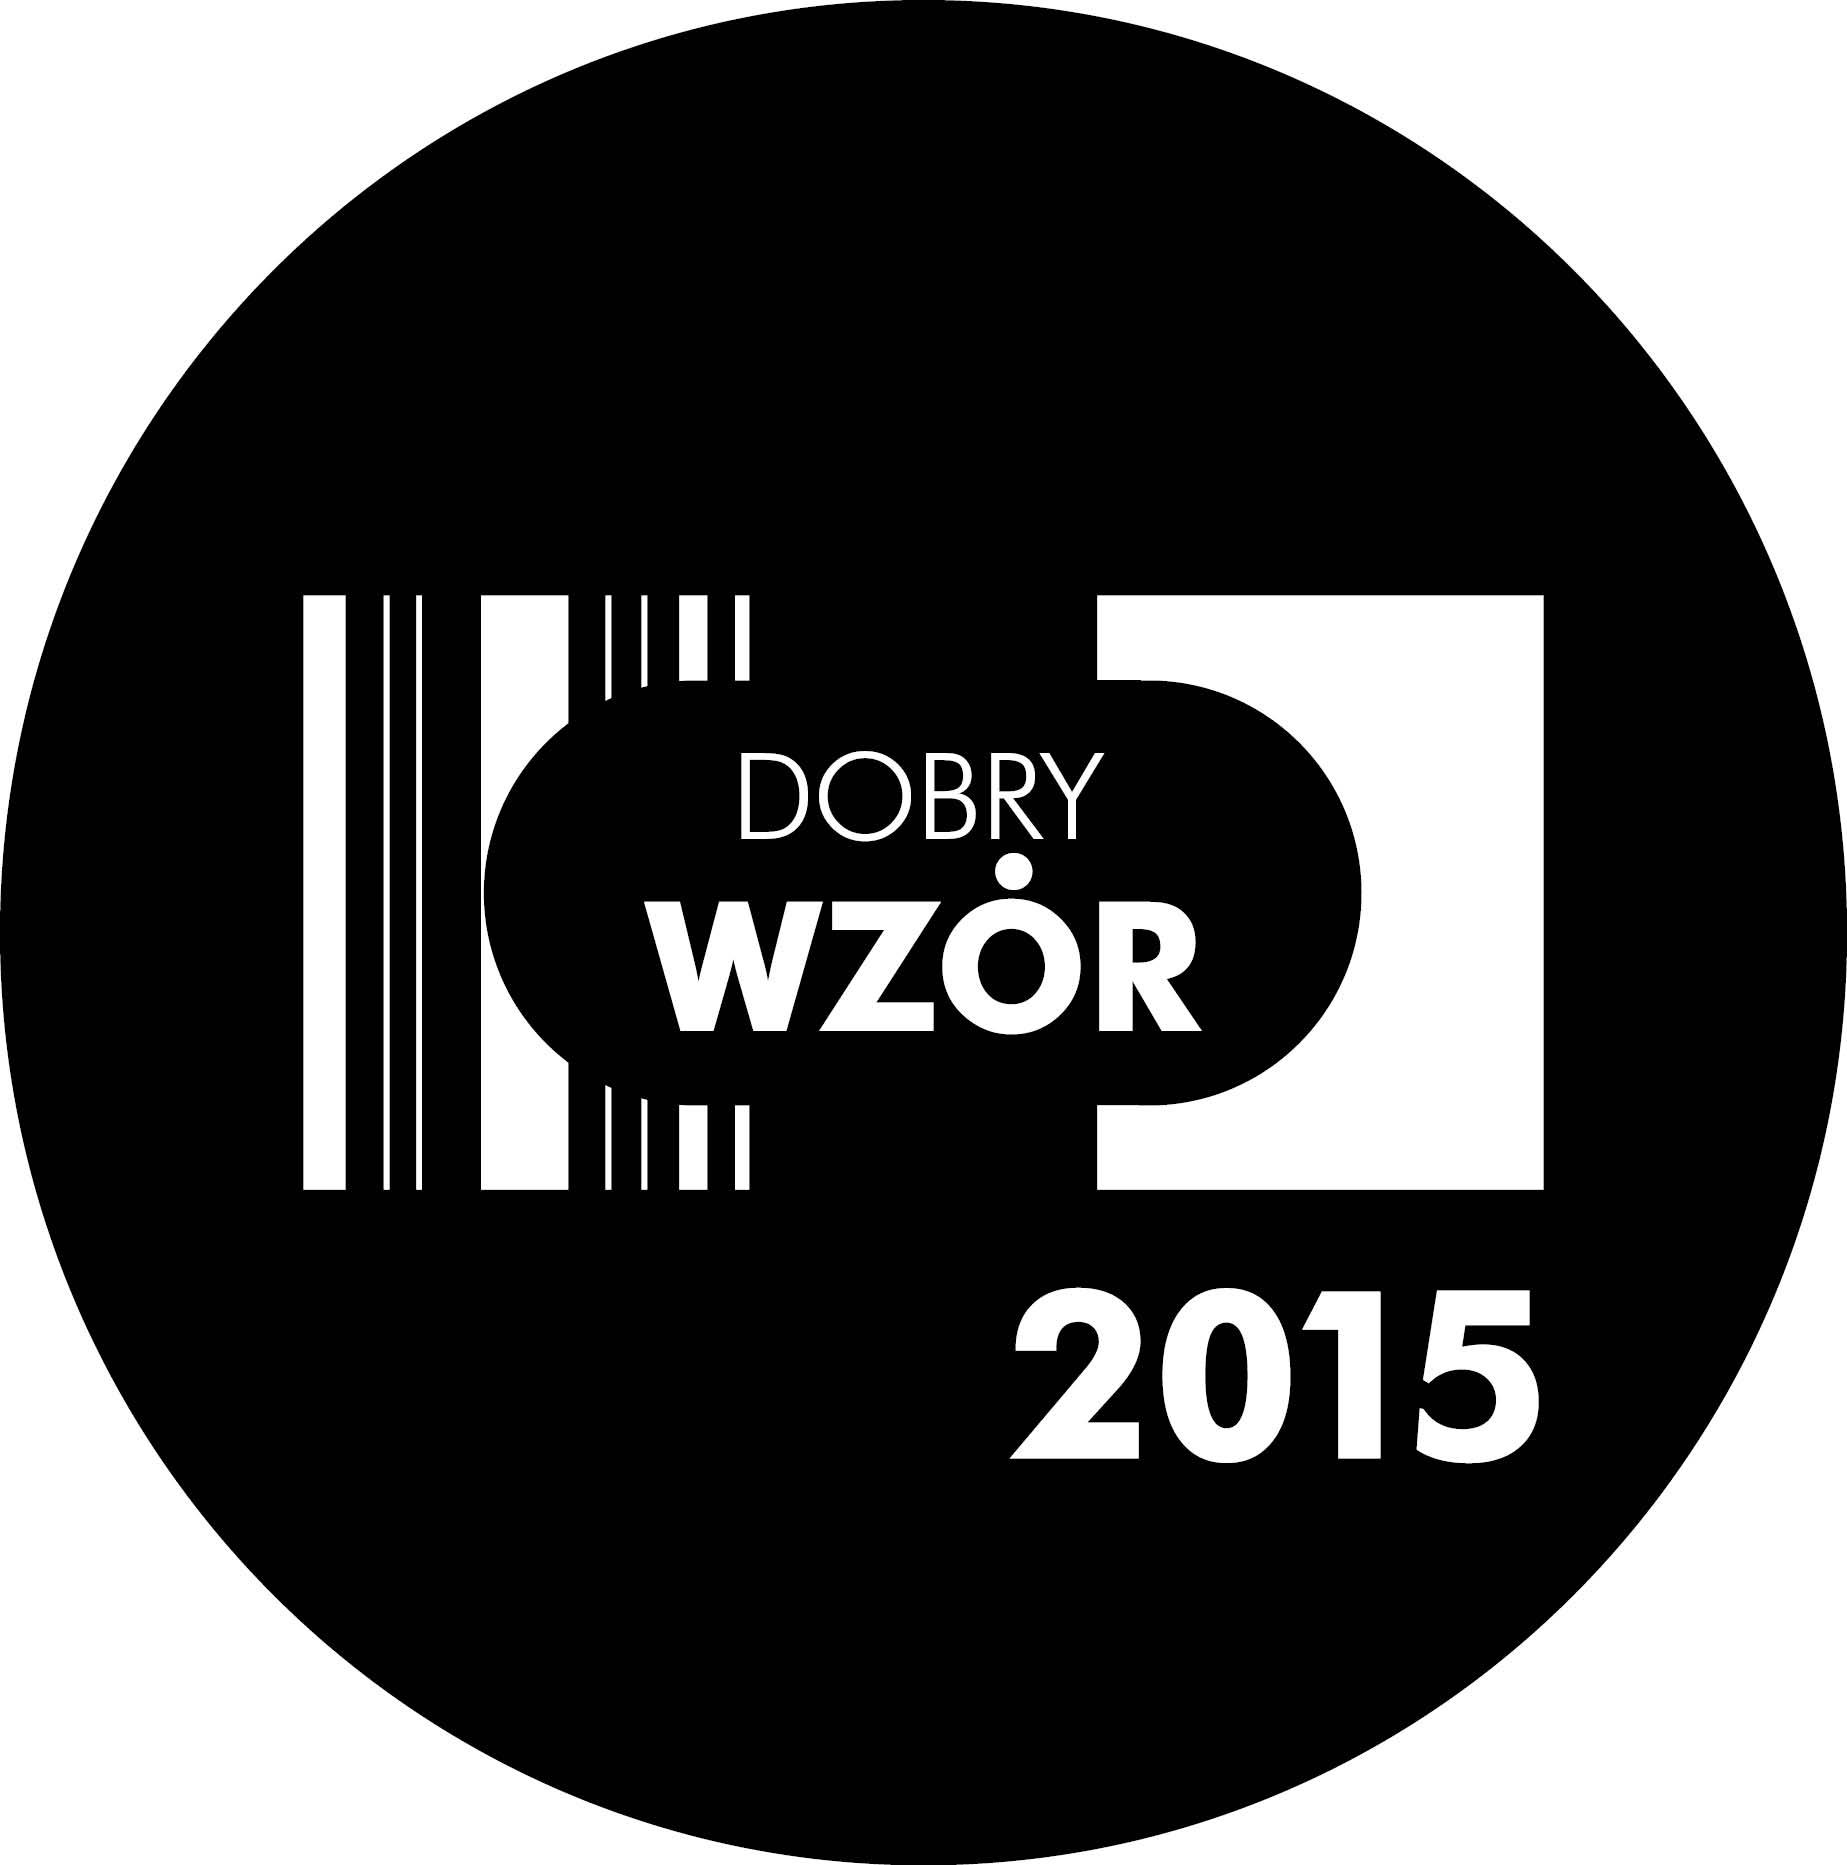 Dobry Wzór 2015, logotyp (źródło: materiały prasowe organizatora)